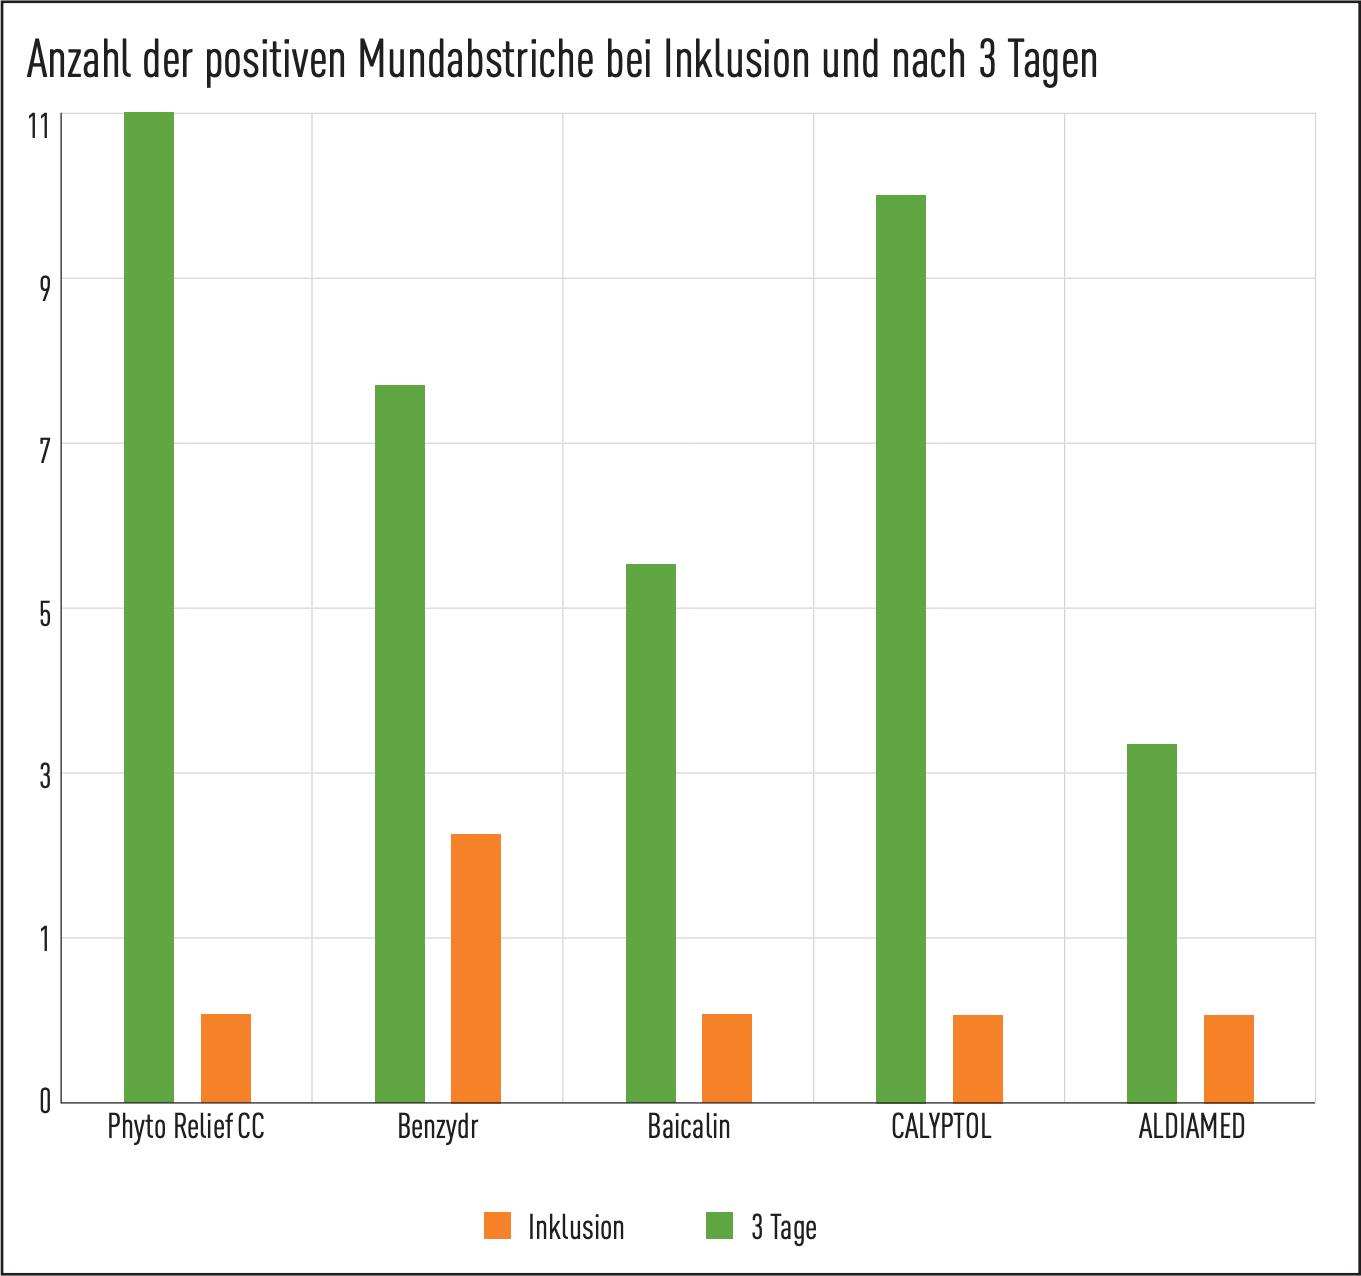 Corona-Test: Phytorelief. Anzahl der positiven Mundabstriche bei Inklusion und nach 3 Tagen.